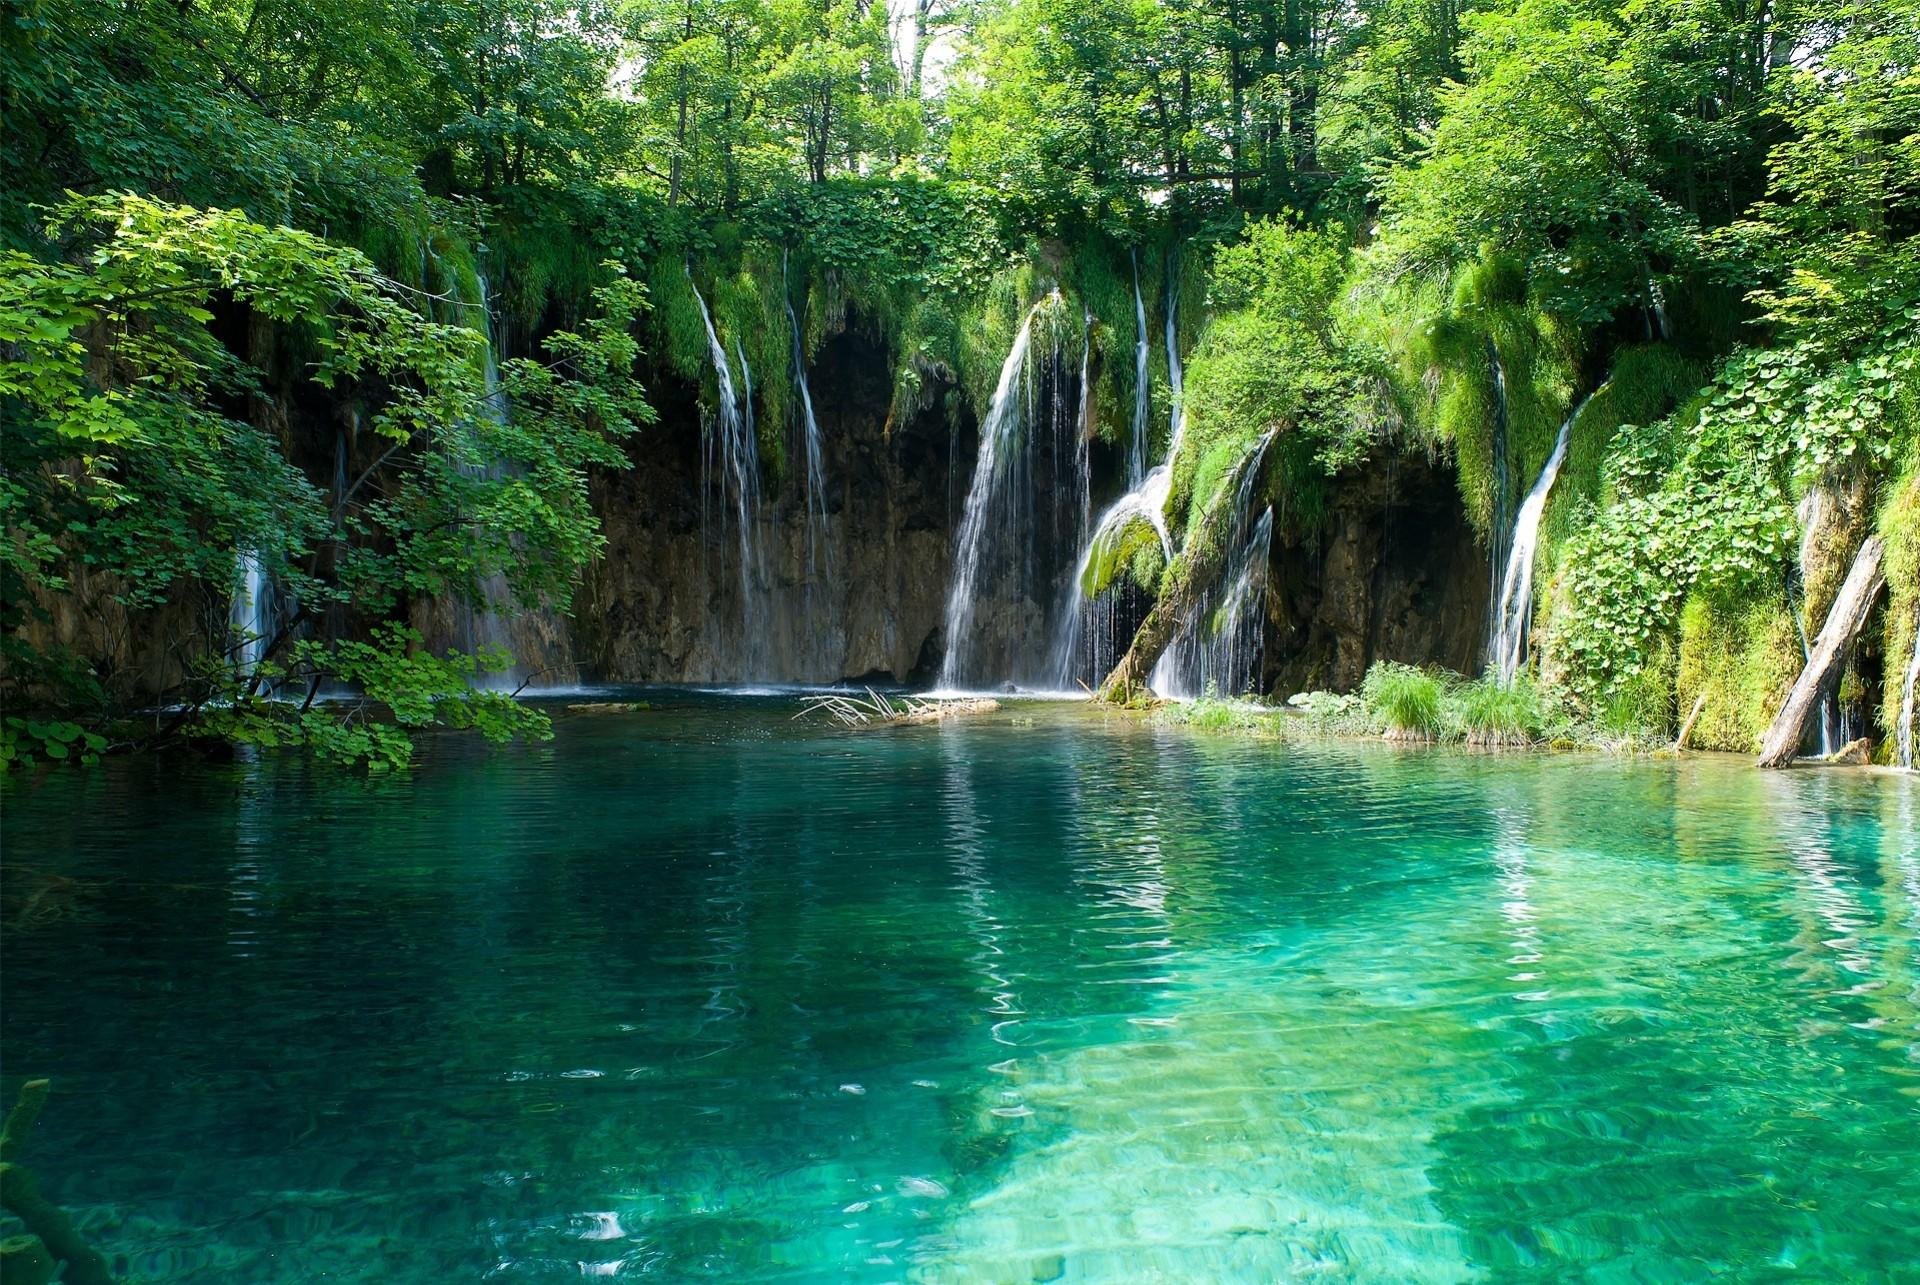 Картинки водоемов с водопадом